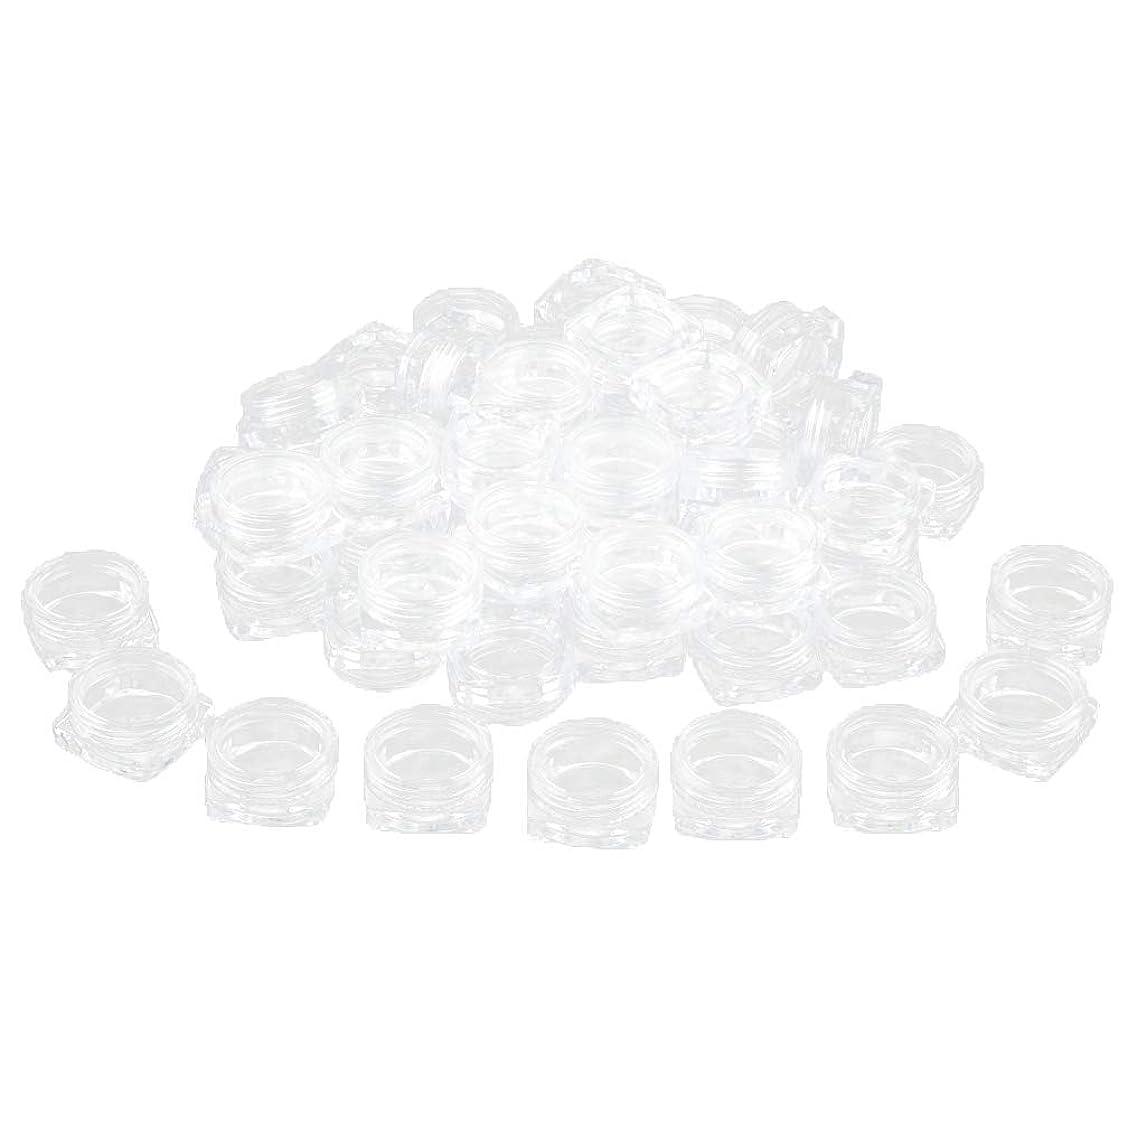 嘆願ローン過度のFLAMEER 約50個 化粧ポット ローションジャー サンプルボトル コスメ 化粧品 詰替え容器 クリア - 2g